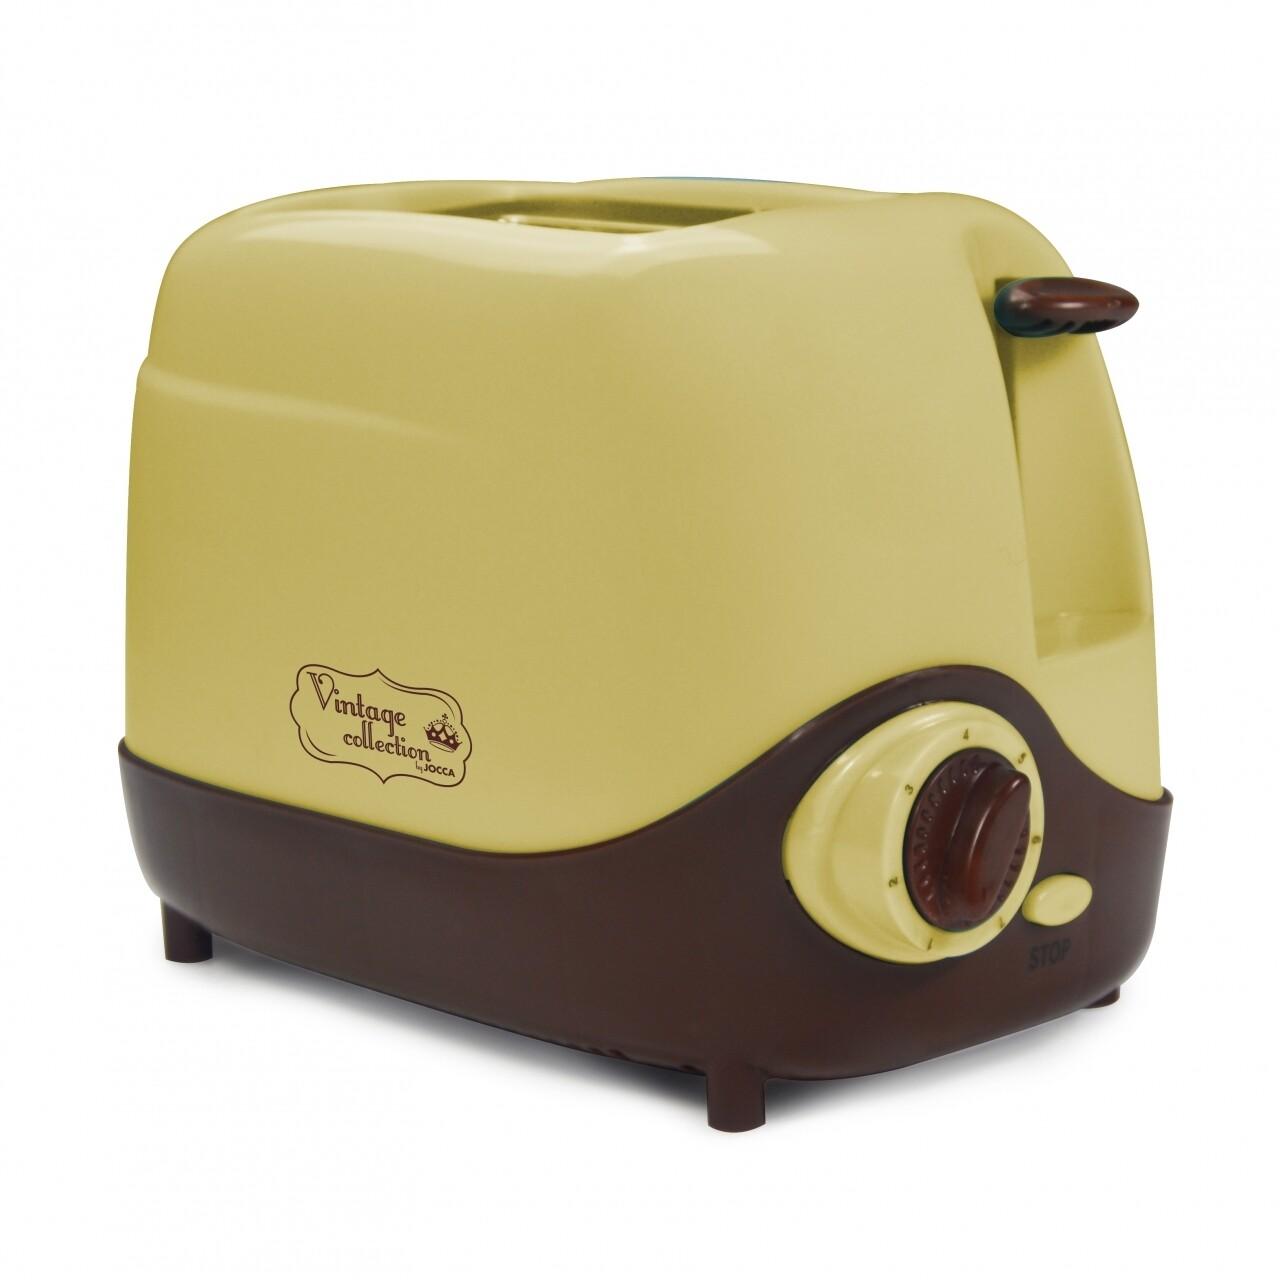 Prajitor de pâine Vintage Cream Jocca, 600-700W, 16 x 18 x 26 cm, galben/maro